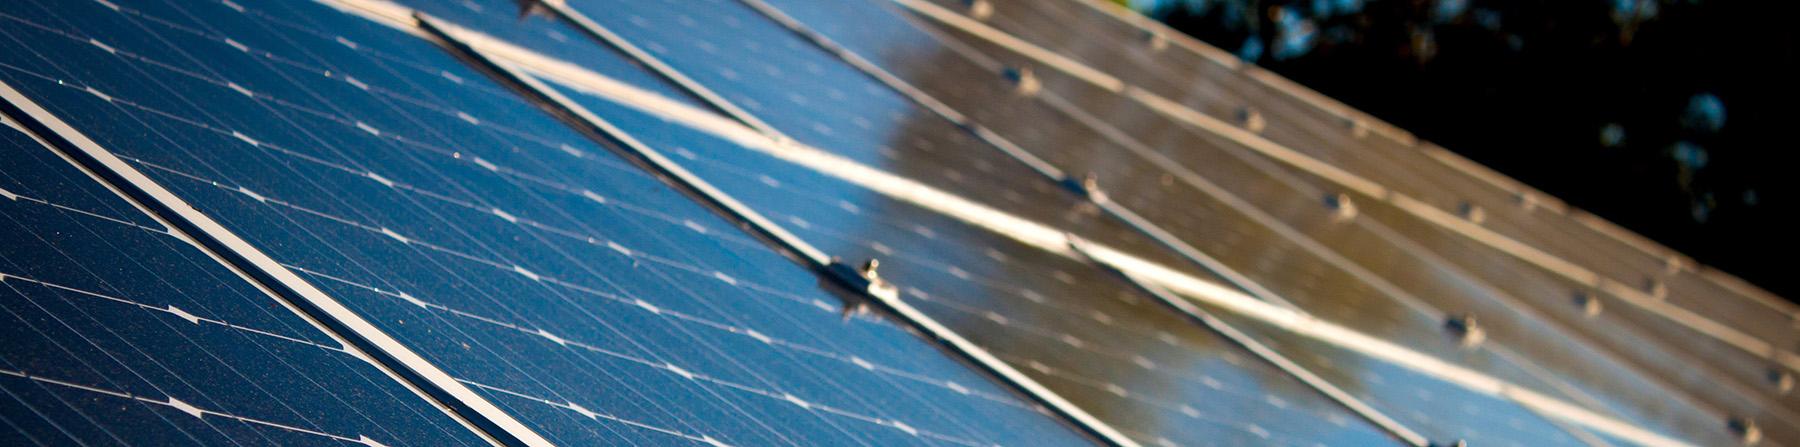 Pret energie: financer ses panneaux photovoltaïques, c'est possible!